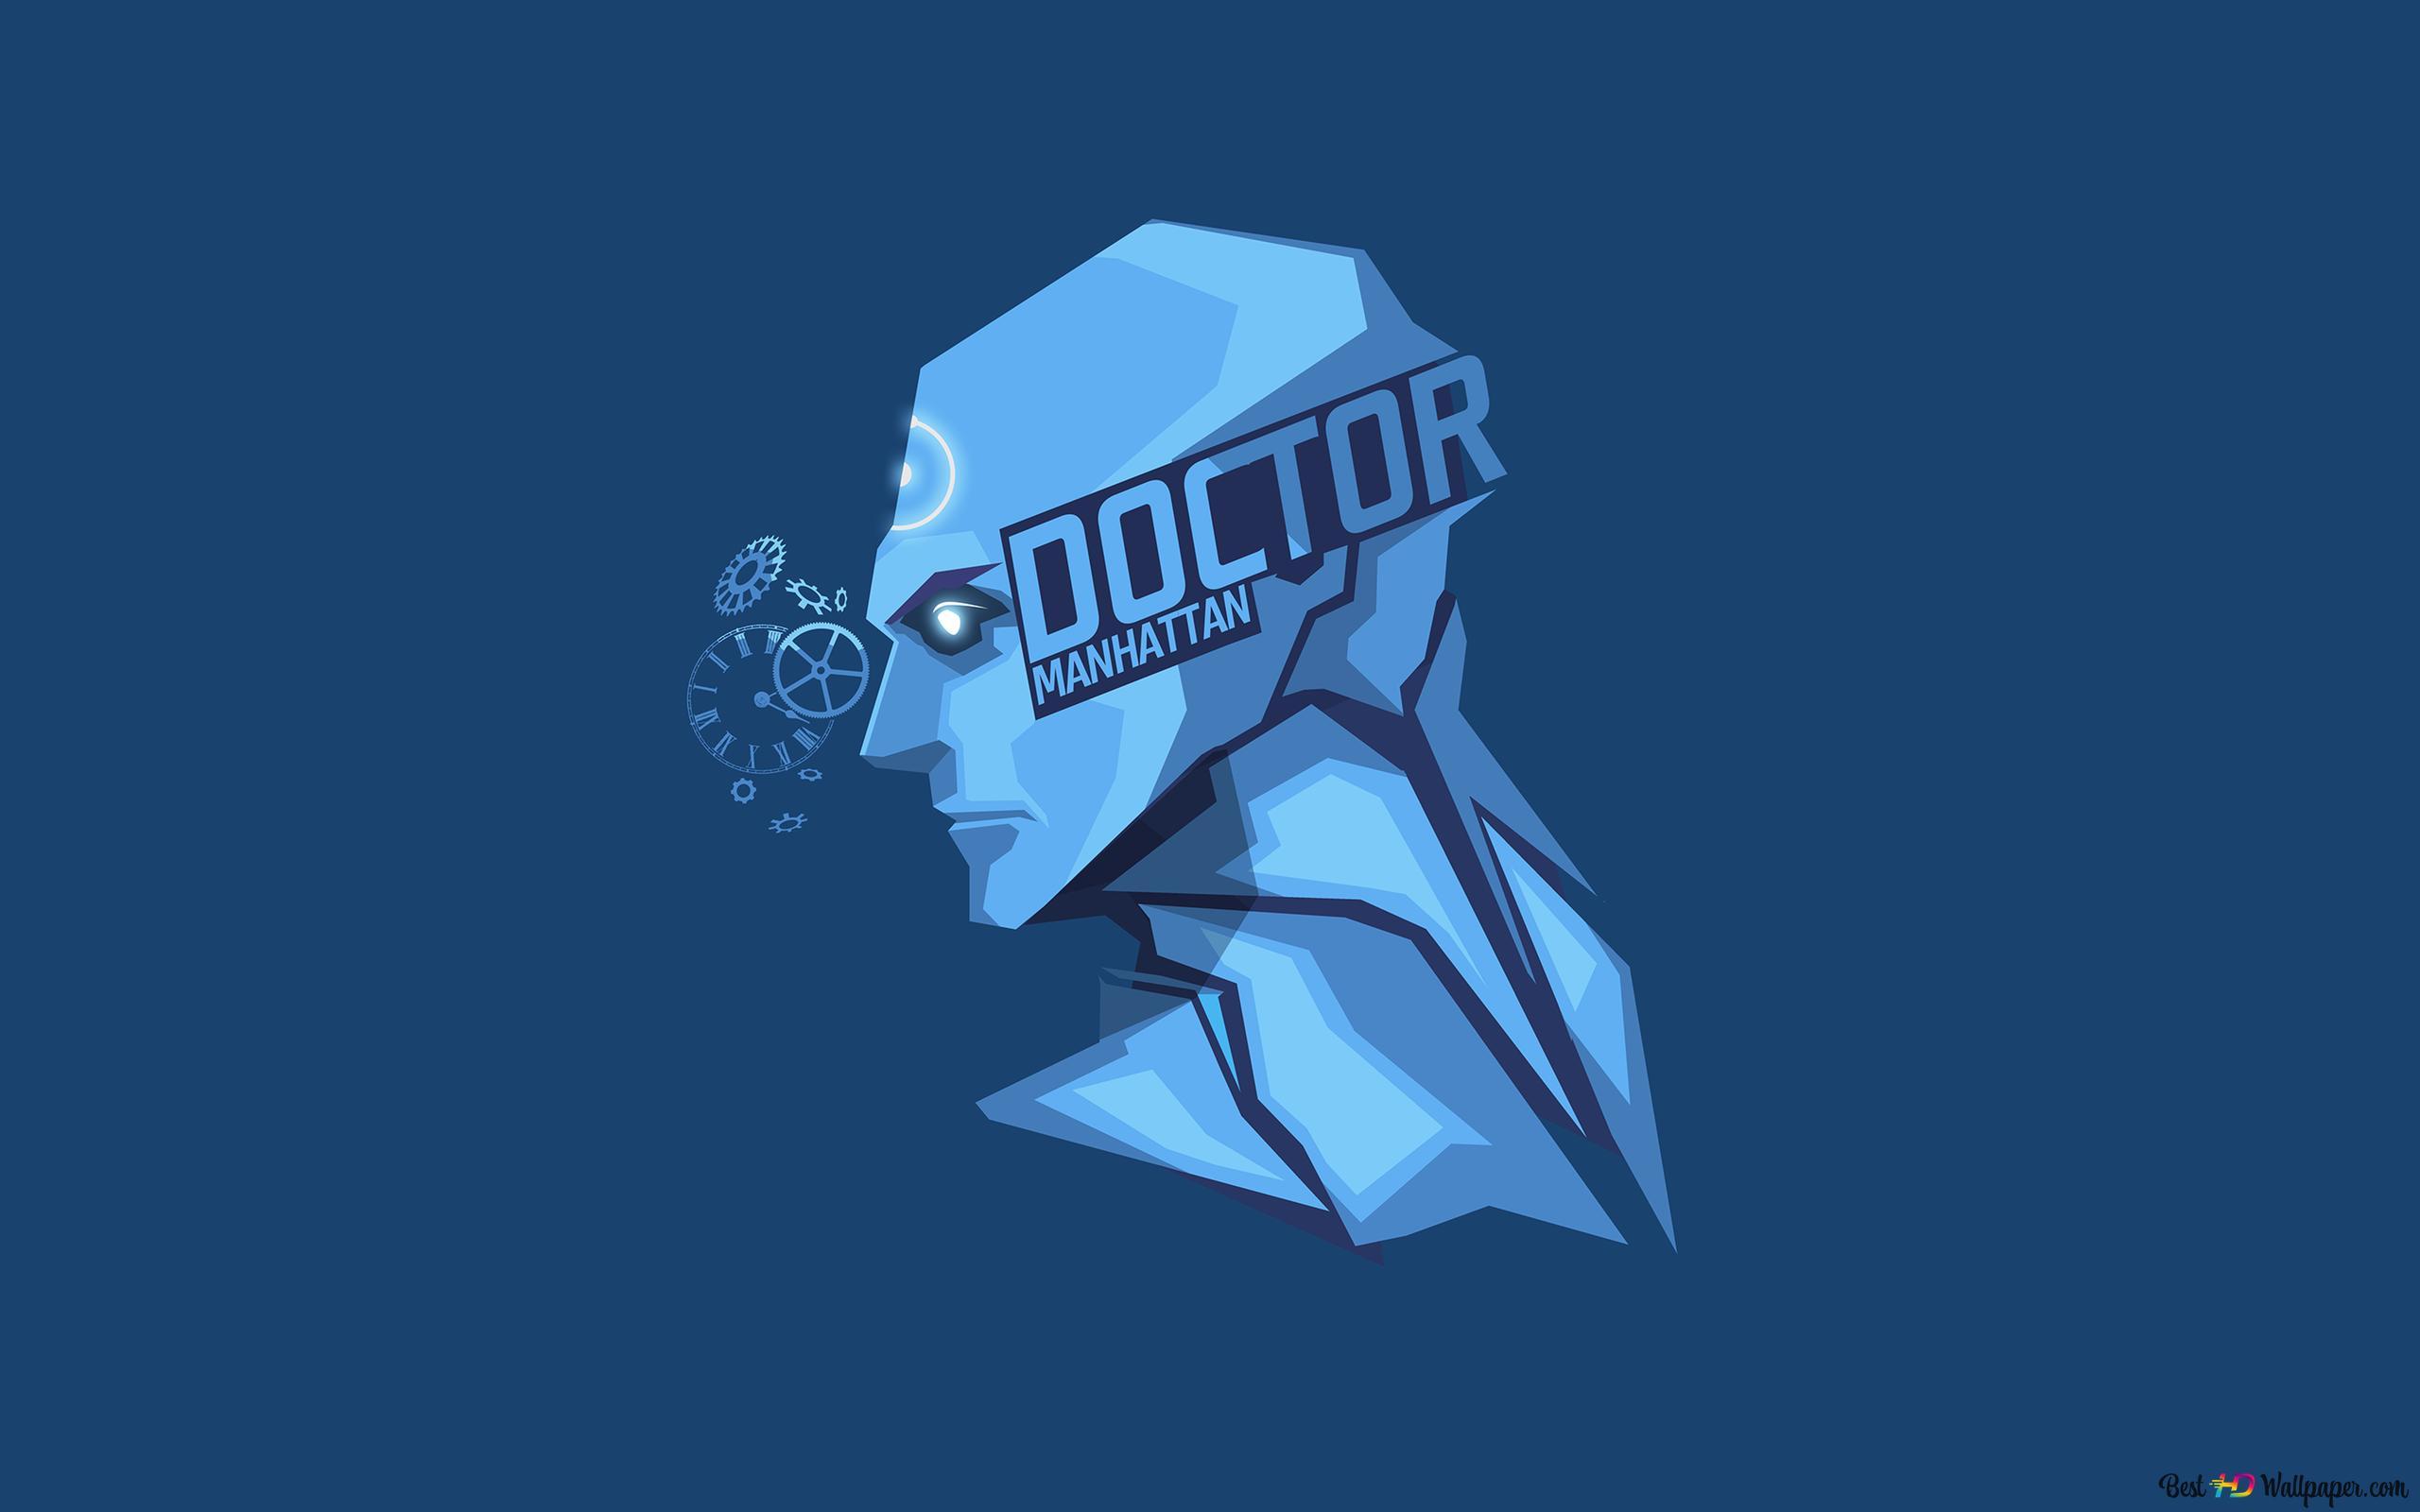 Dc漫畫博士曼哈頓簡約的藍色壁紙背景高清壁紙下載